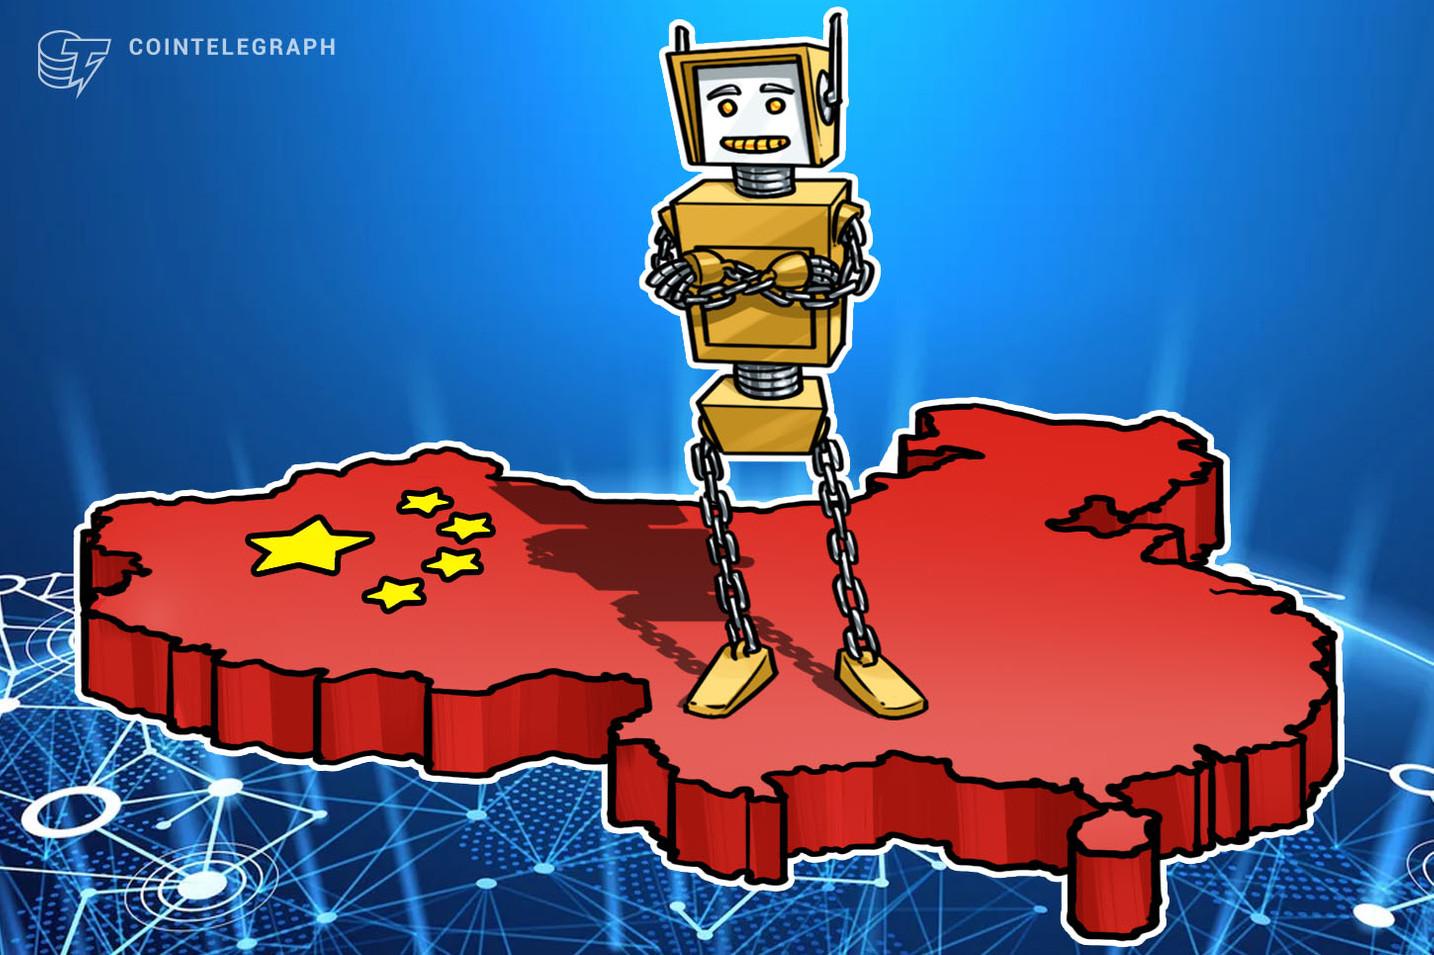 L'agenzia statale per il programma spaziale cinese utilizzerà la tecnologia blockchain per gestire miliardi di fatture